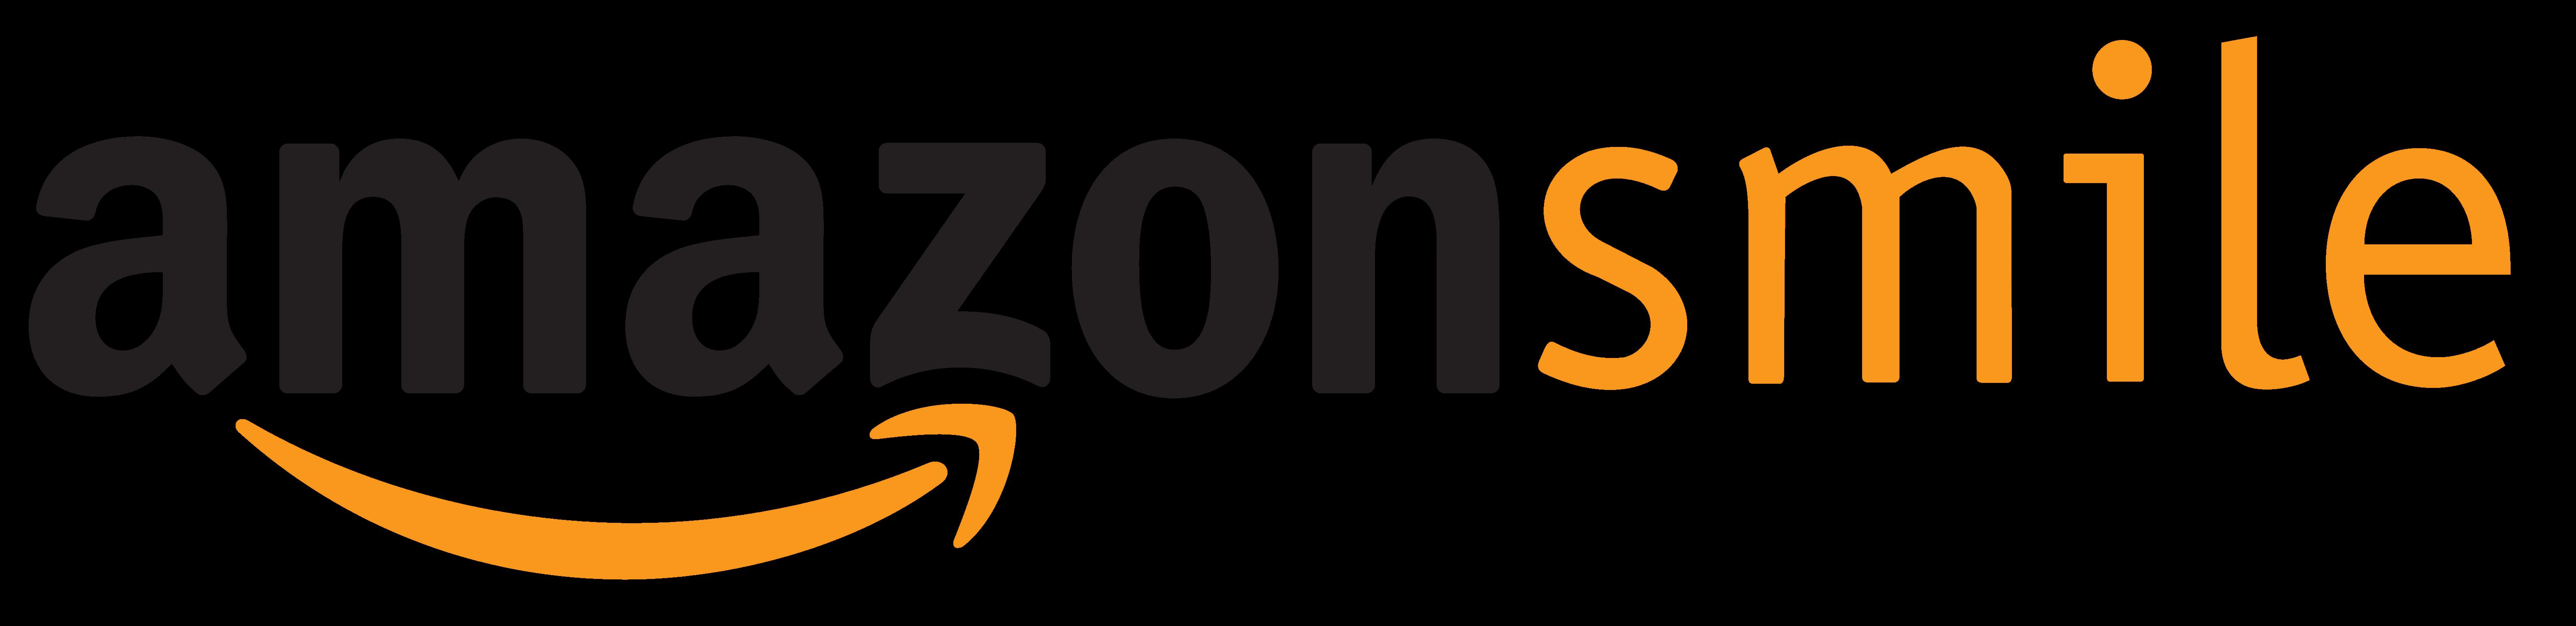 amazon smile link logo